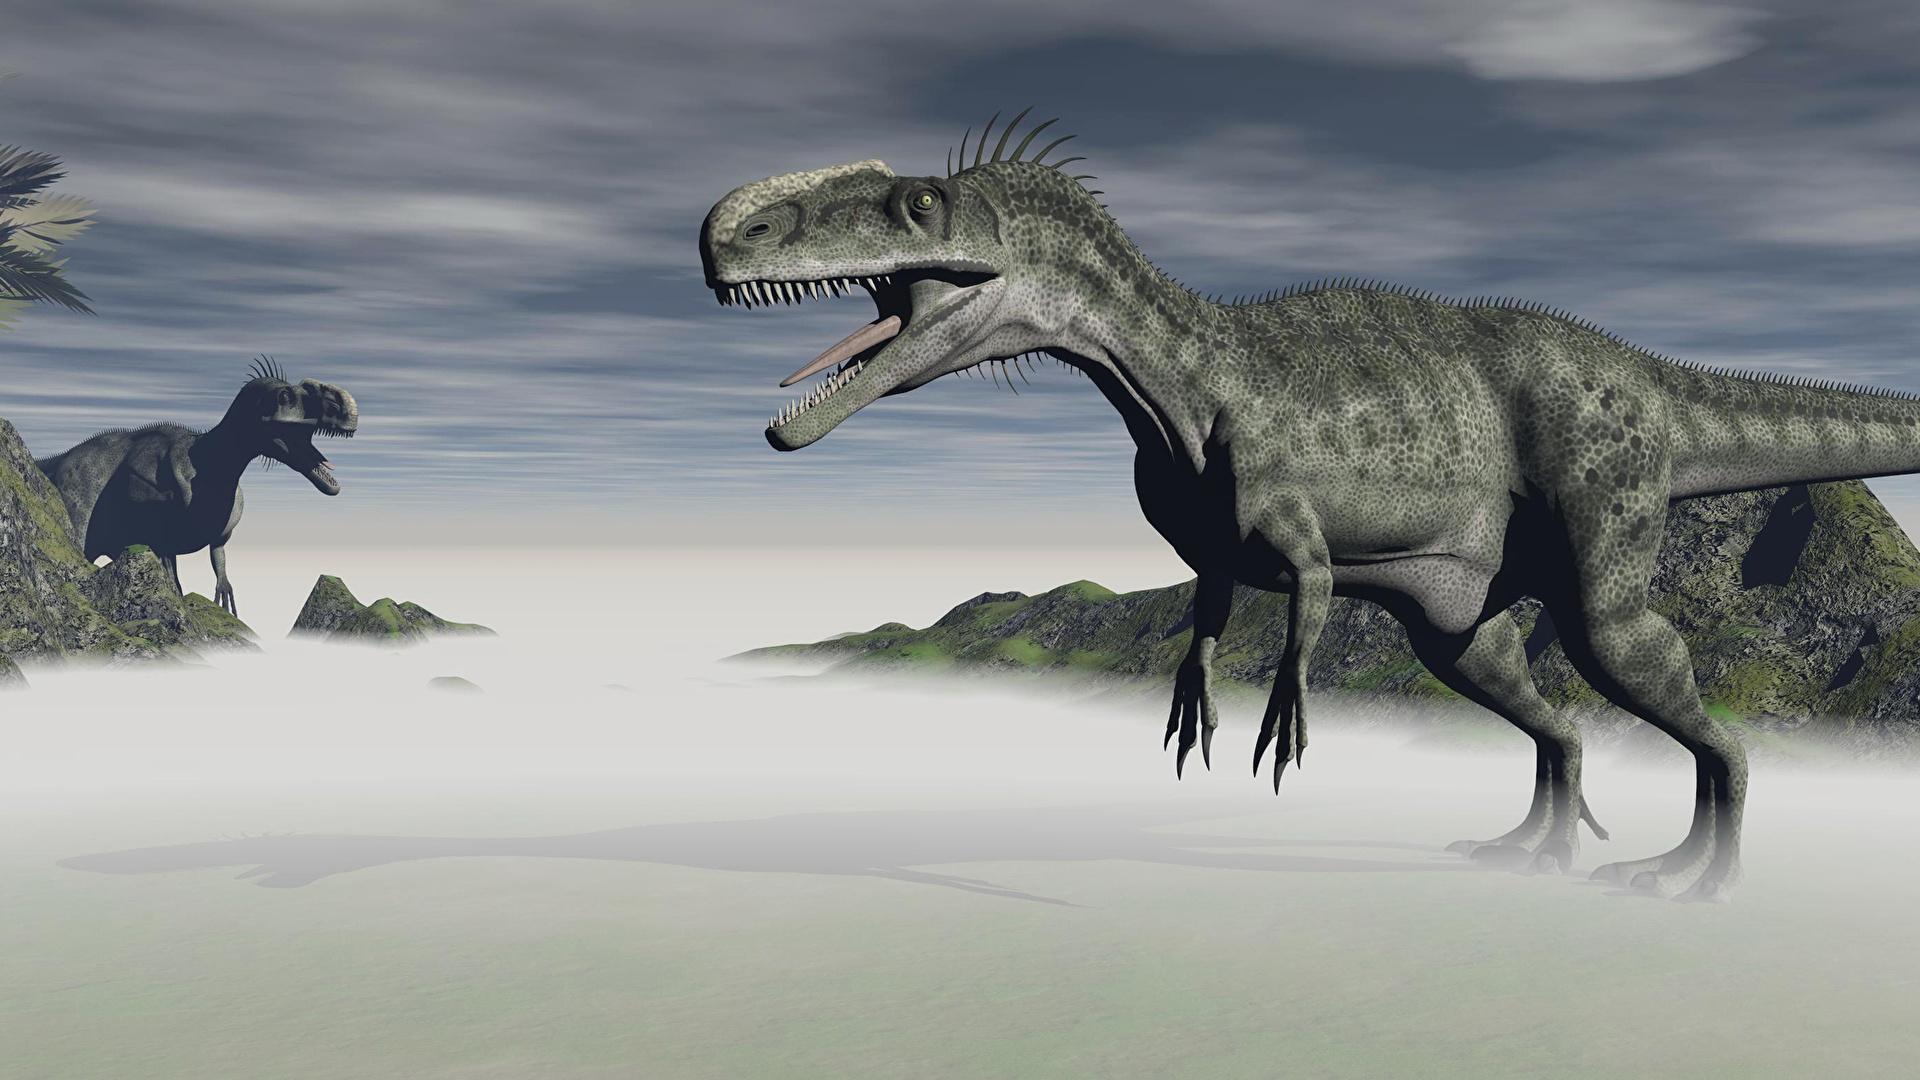 Обои для рабочего стола Тираннозавр рекс динозавр 3D Графика 1920x1080 Динозавры 3д